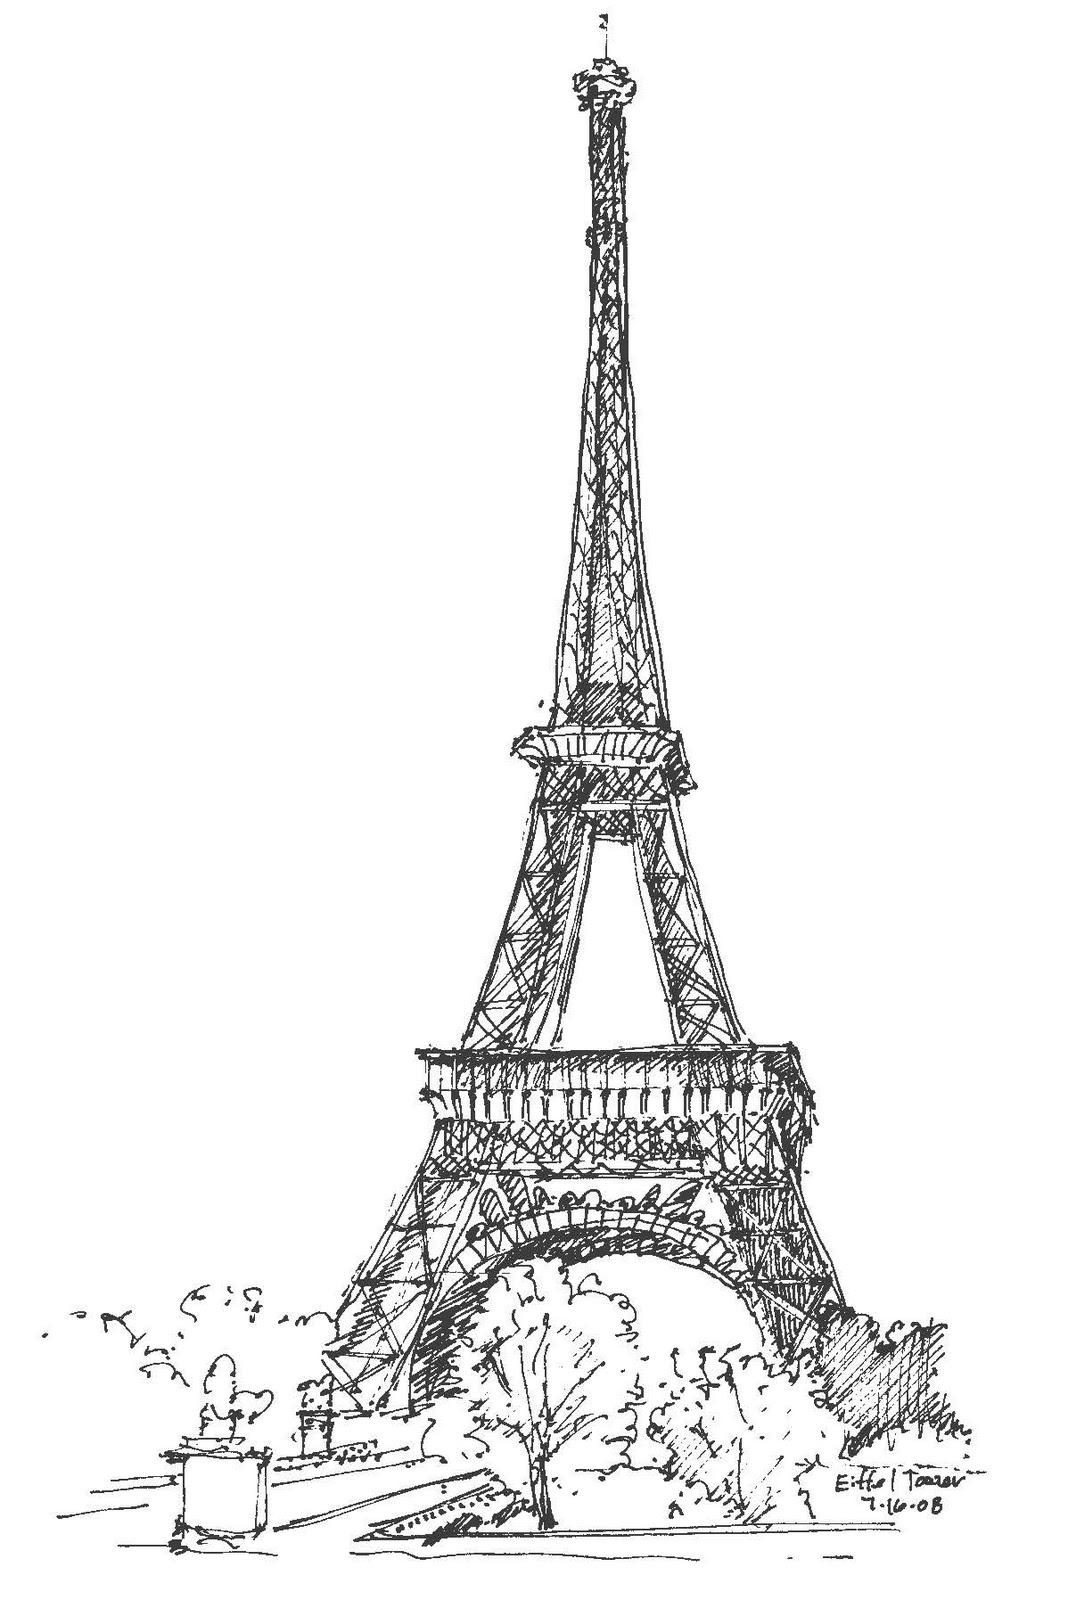 Днем рождения, эльфелевая башня париж рисунок